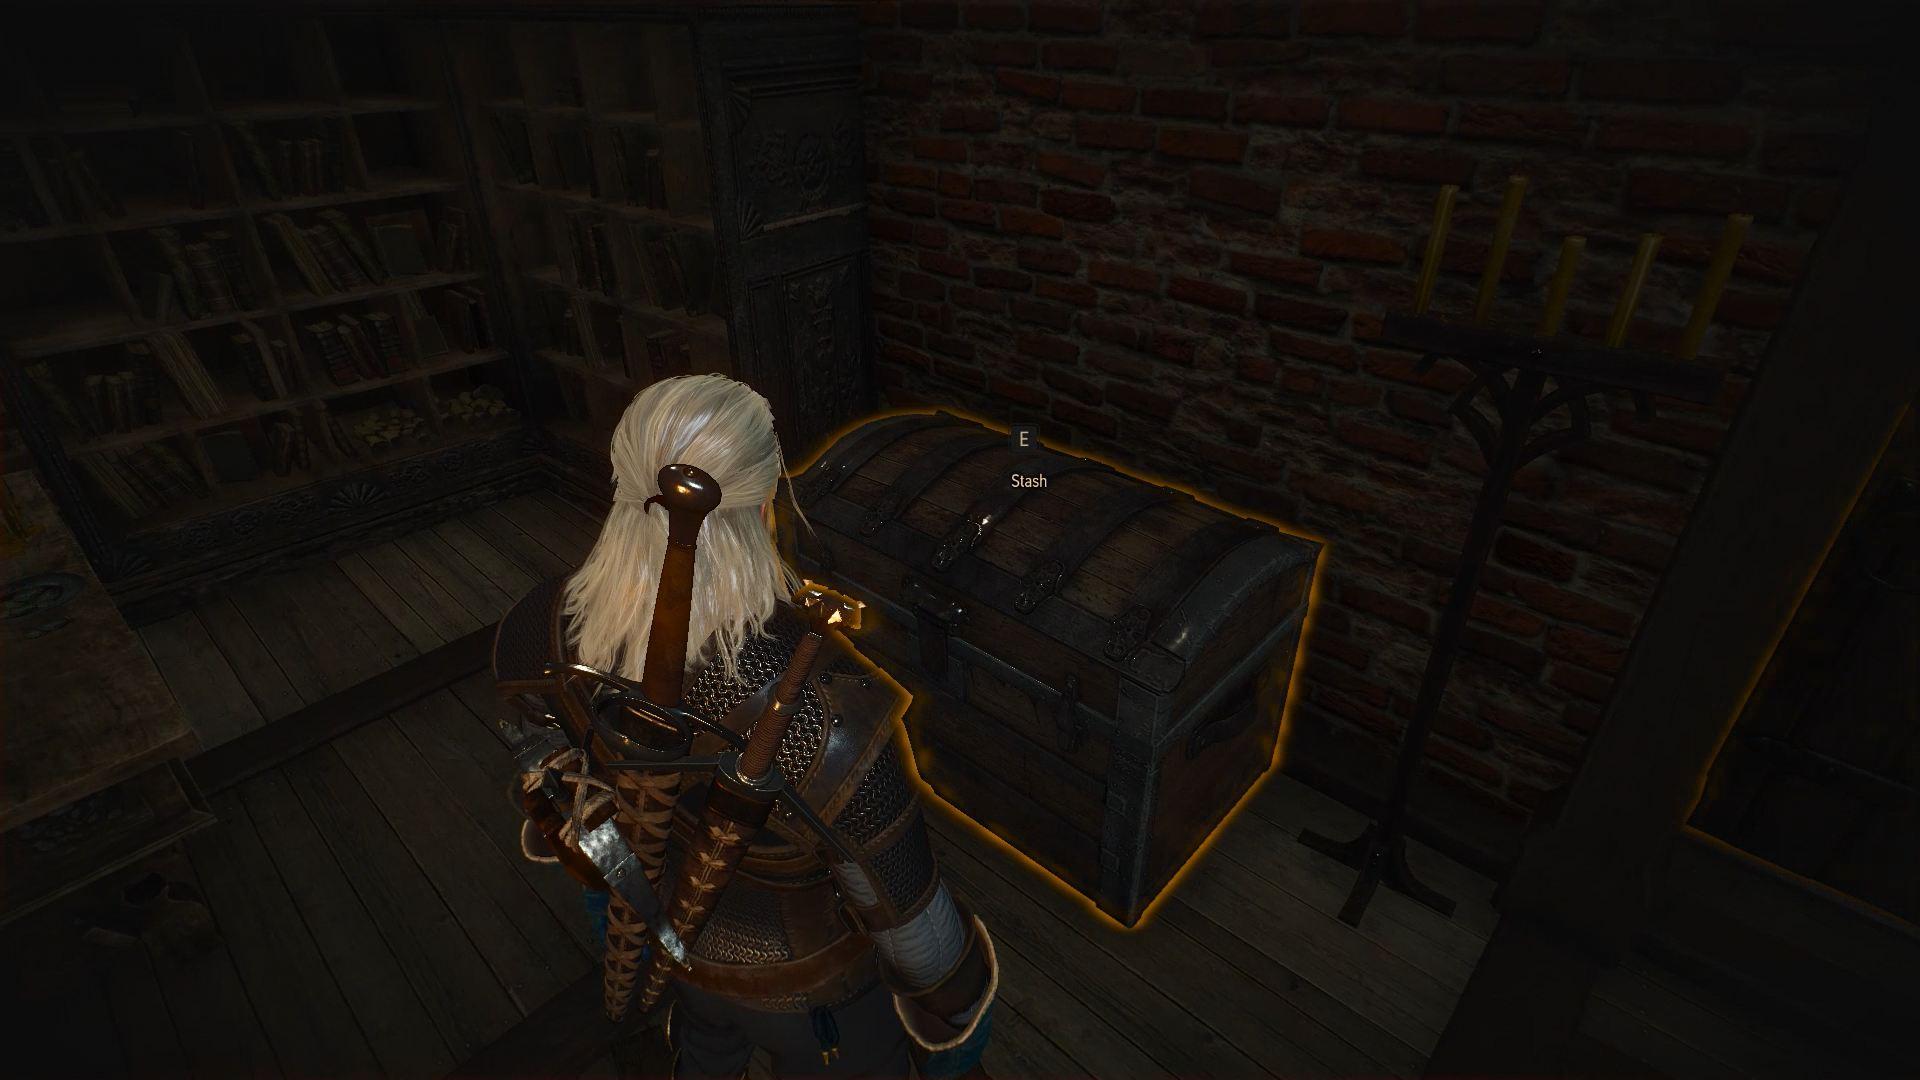 22125569.jpg - Witcher 3: Wild Hunt, the